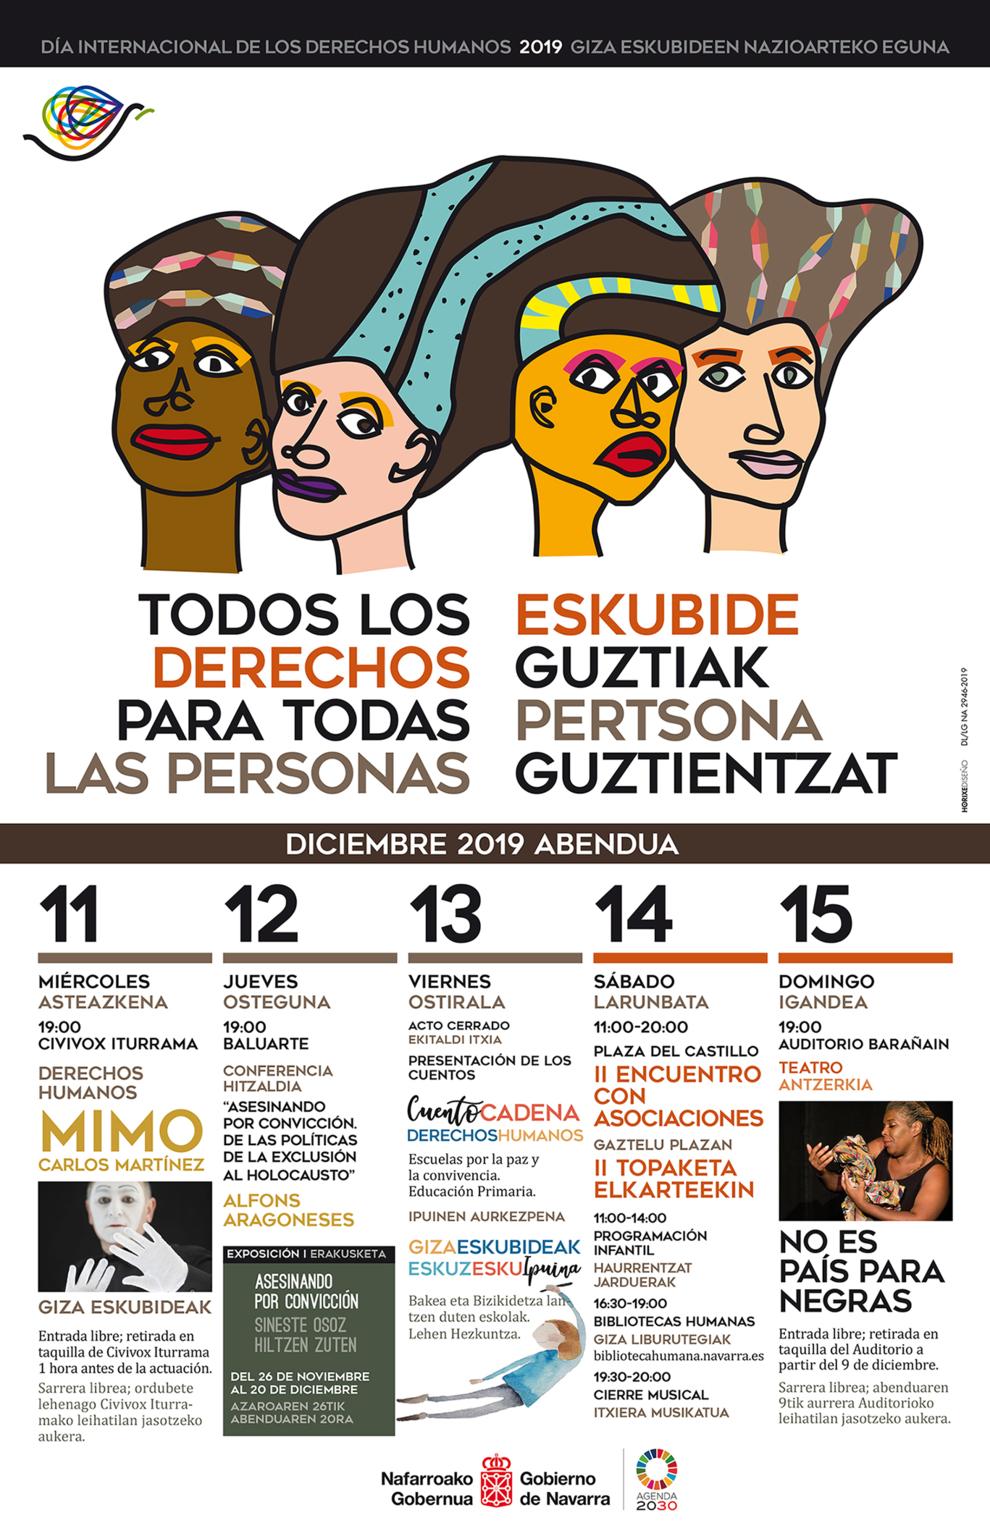 Actividades para todos los públicos para celebrar el Día de los Derechos Humanos